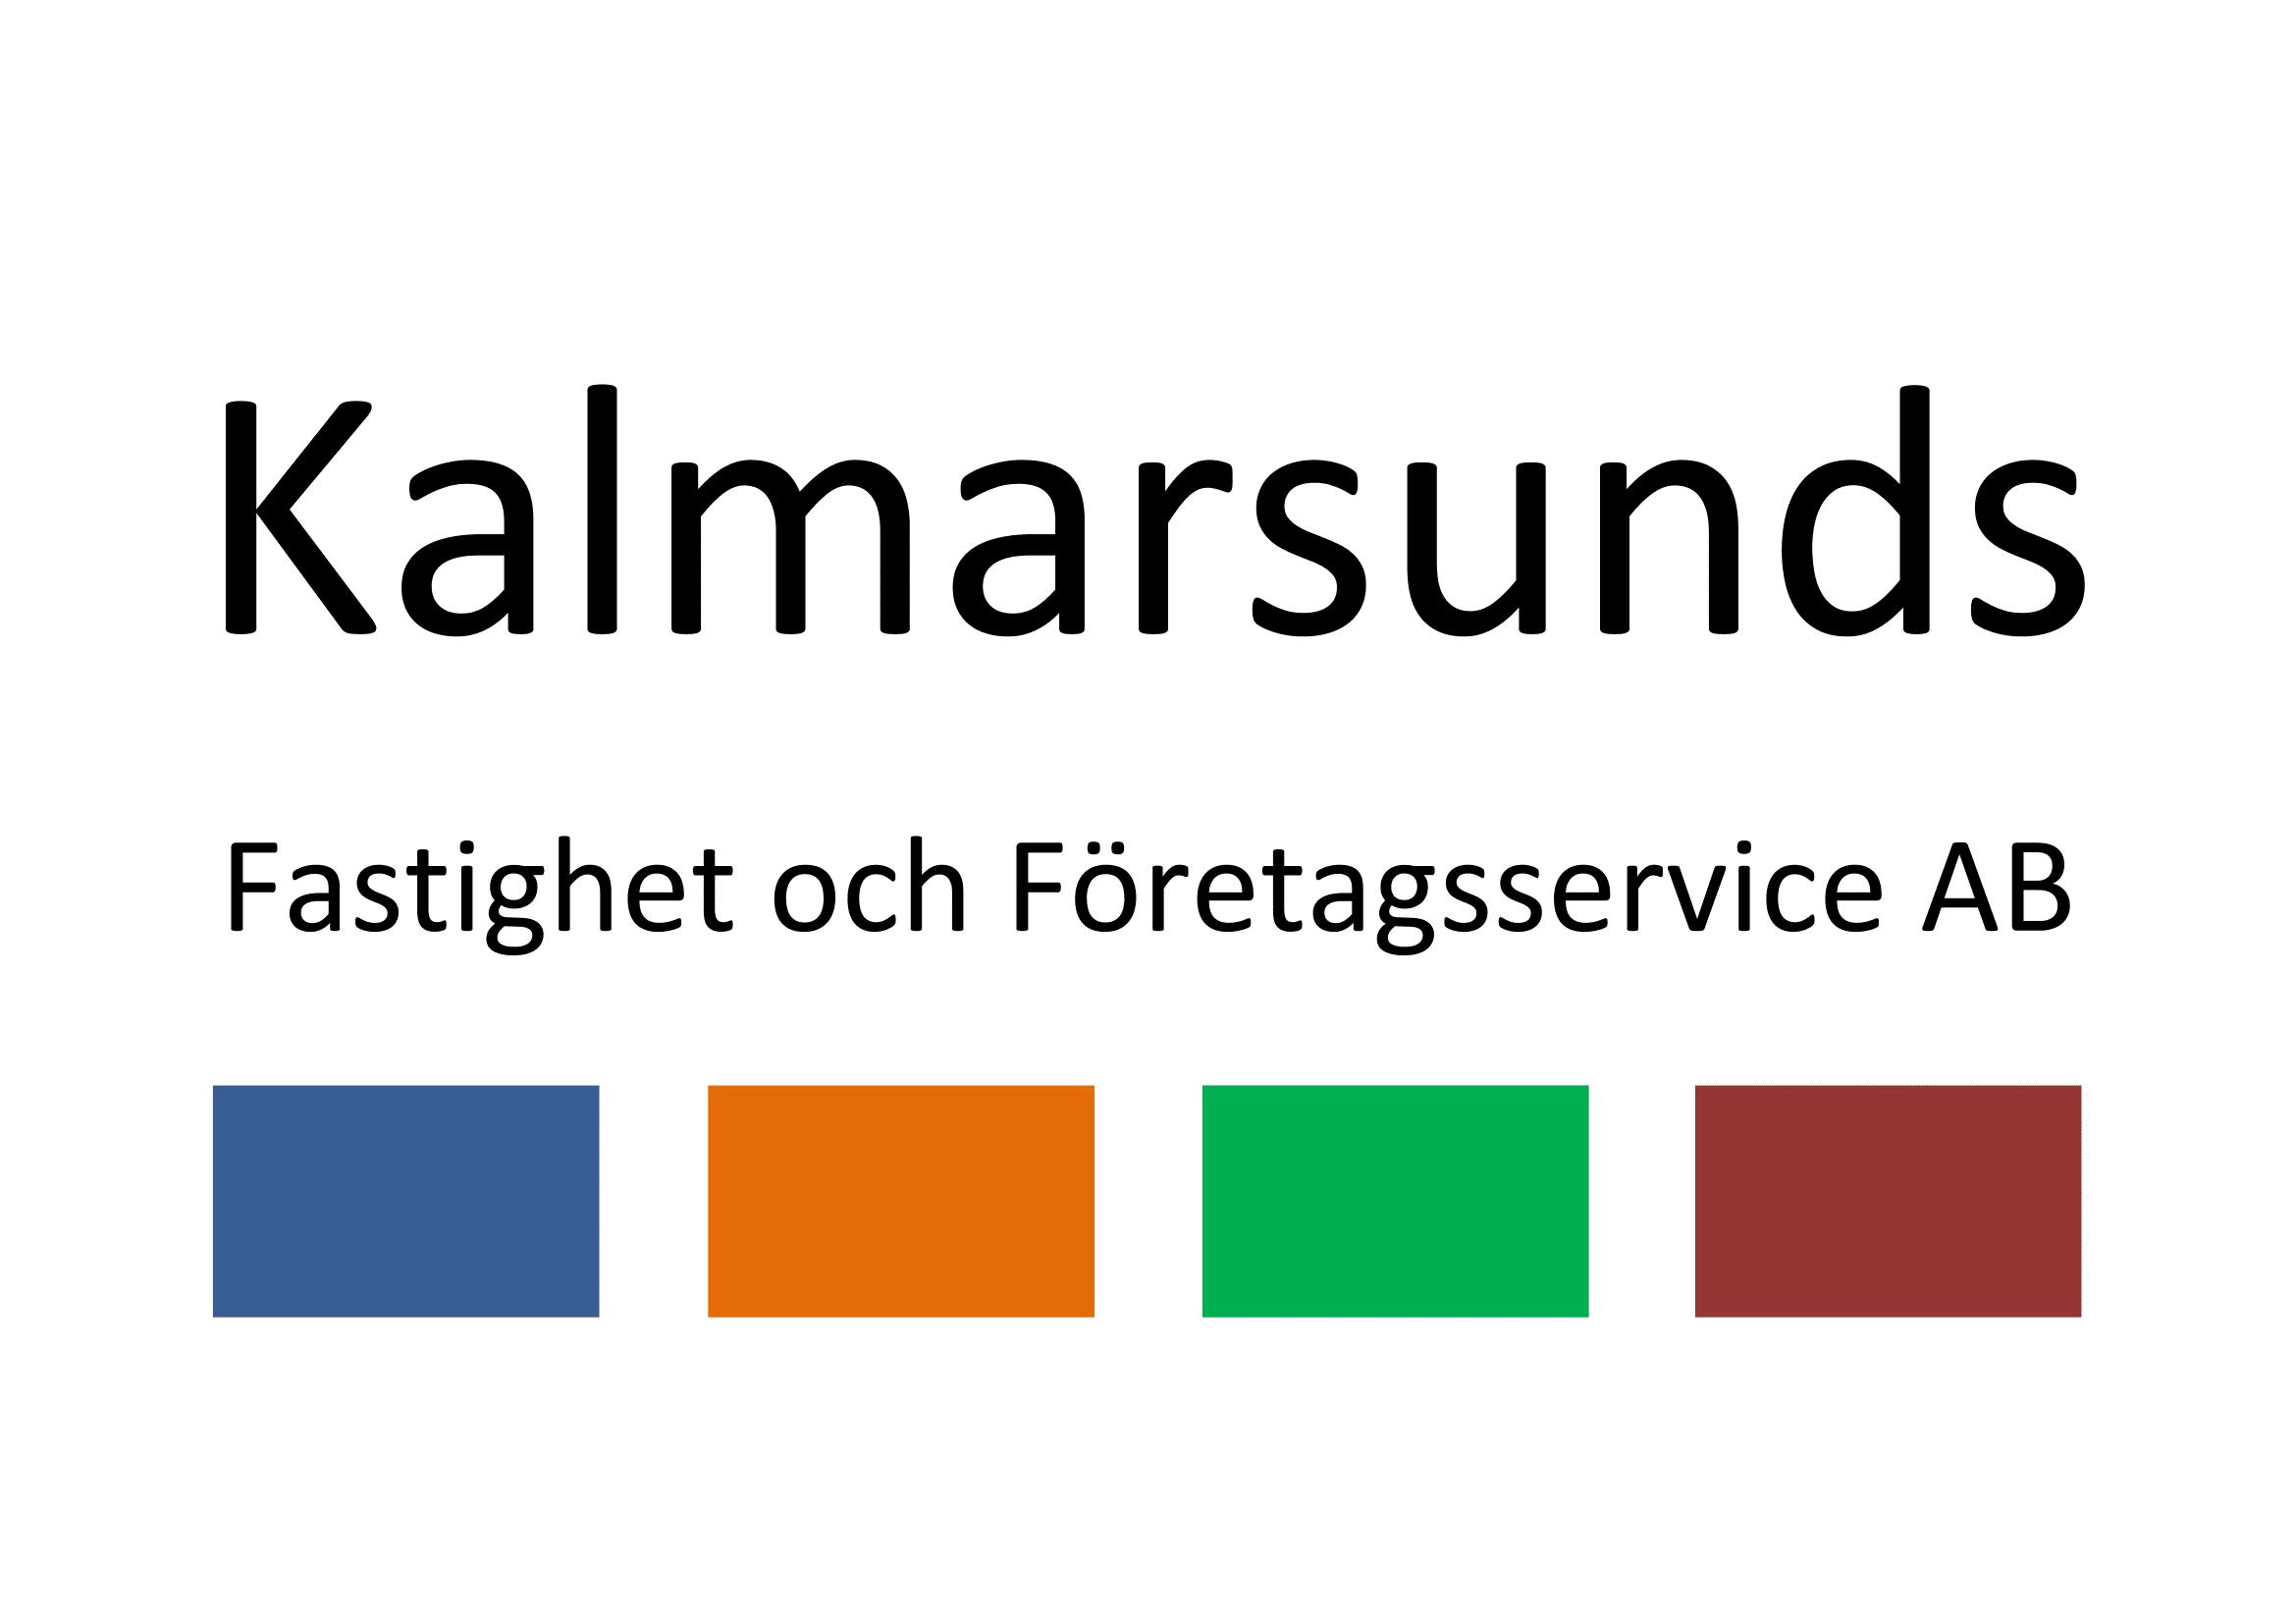 Kalmarsunds fastighet och företagsservice AB